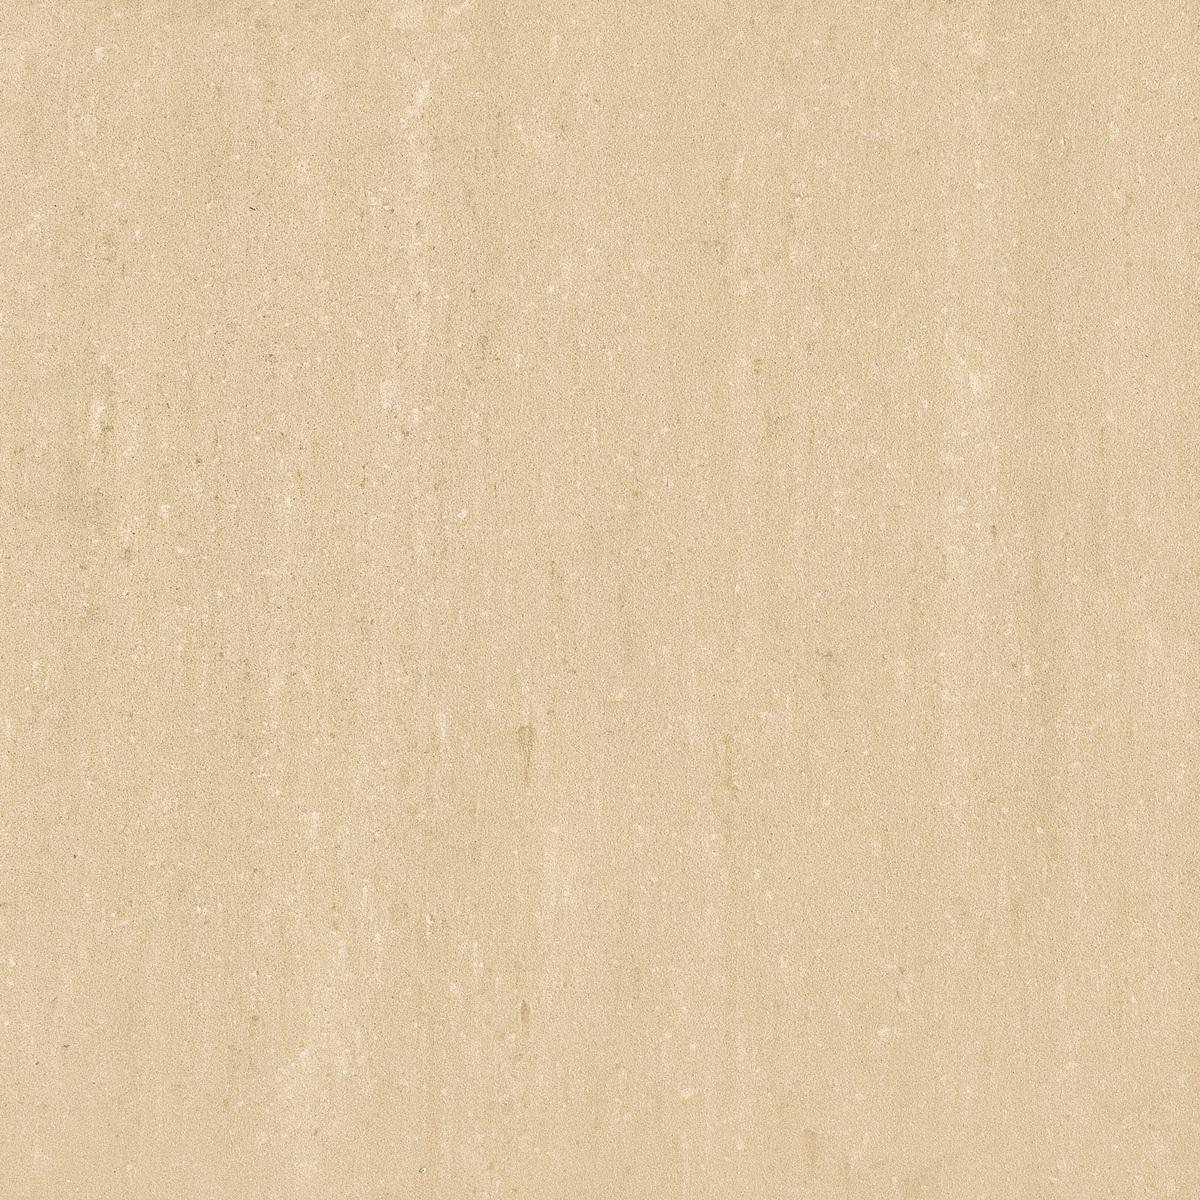 瓷磚 - 摩卡系列 - 啞面忌廉 300x600mm (8塊)